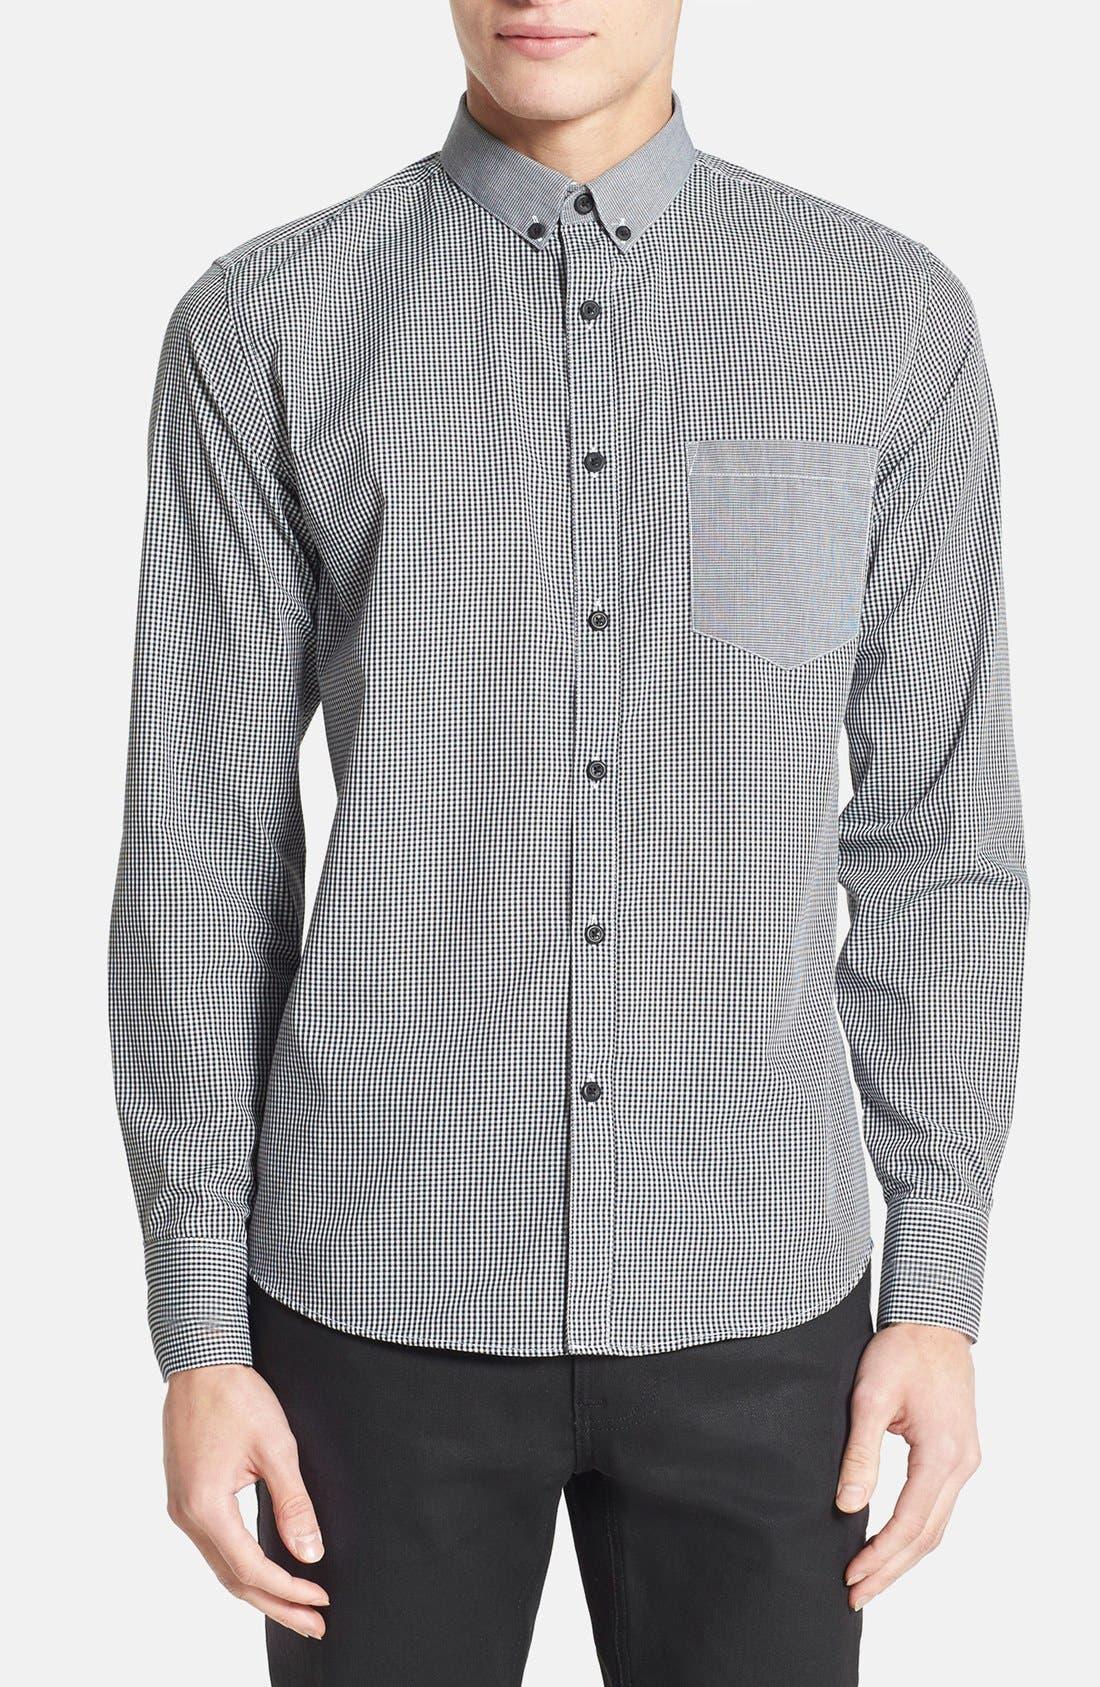 Alternate Image 1 Selected - Topman Slim Fit Mixed Gingham Dress Shirt